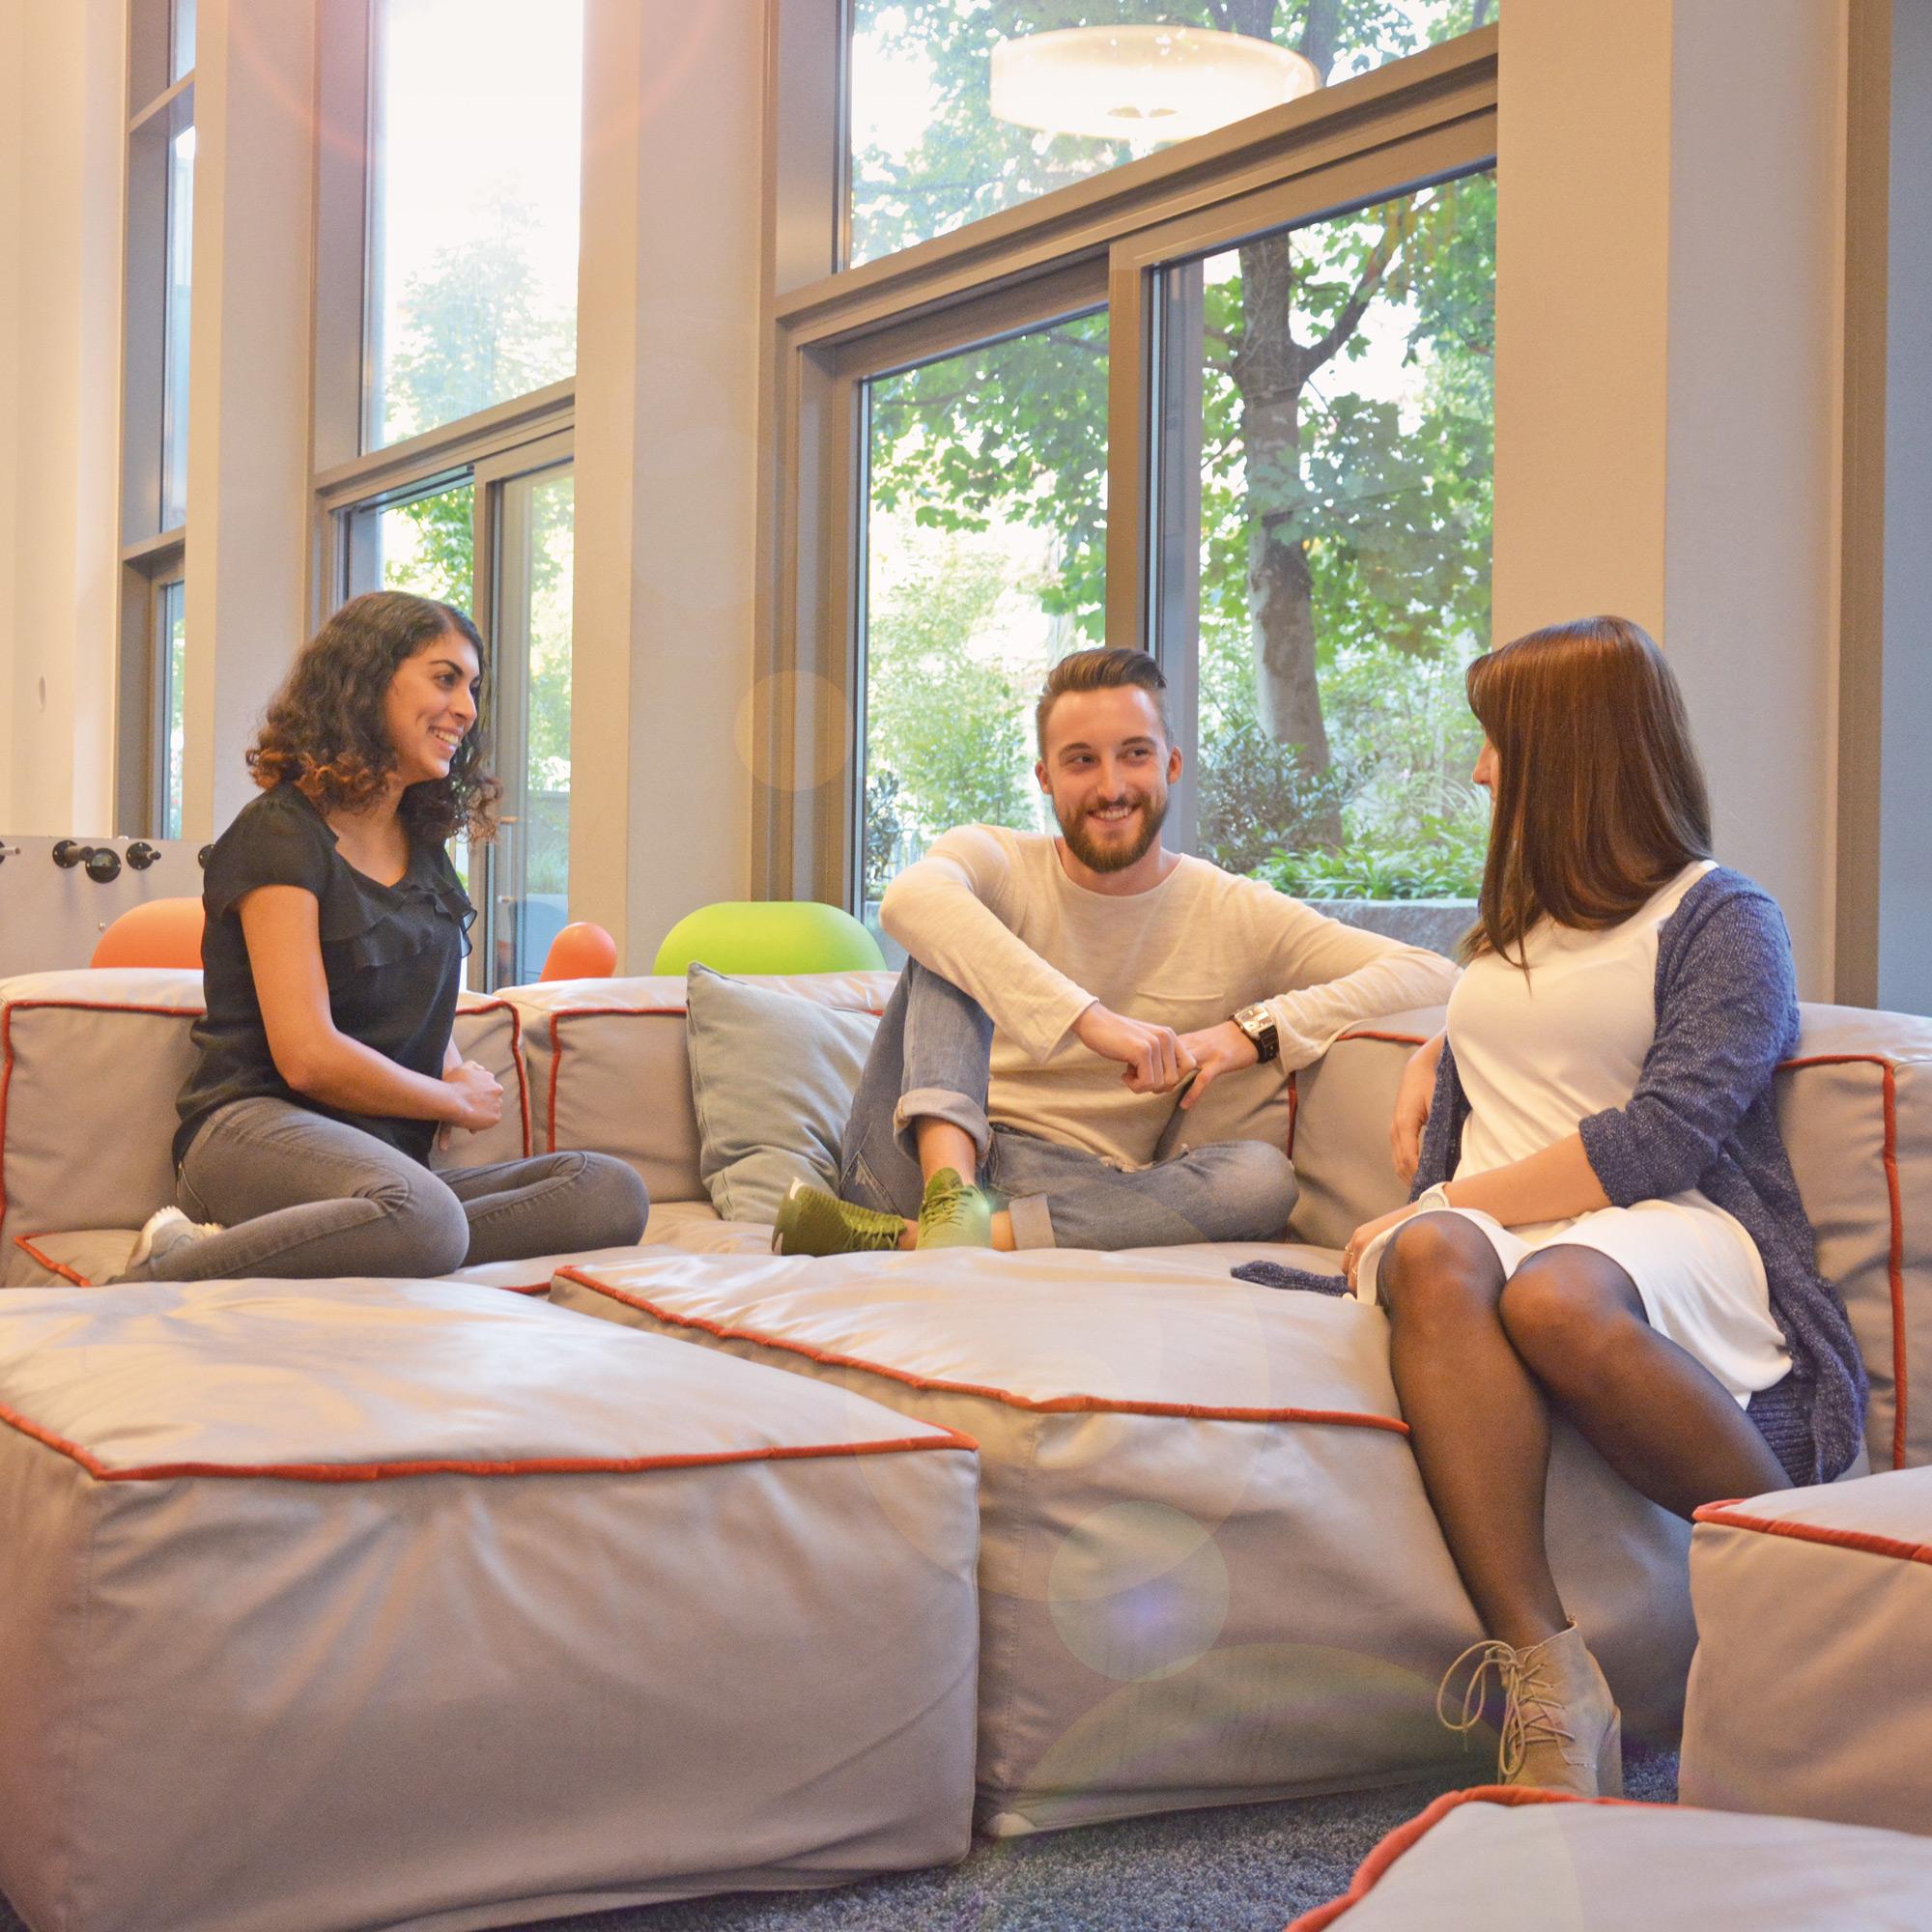 Studenten im Lounge-Bereich im Gemeinschaftsraum der Studiosus 4 Studentenwohnanlage